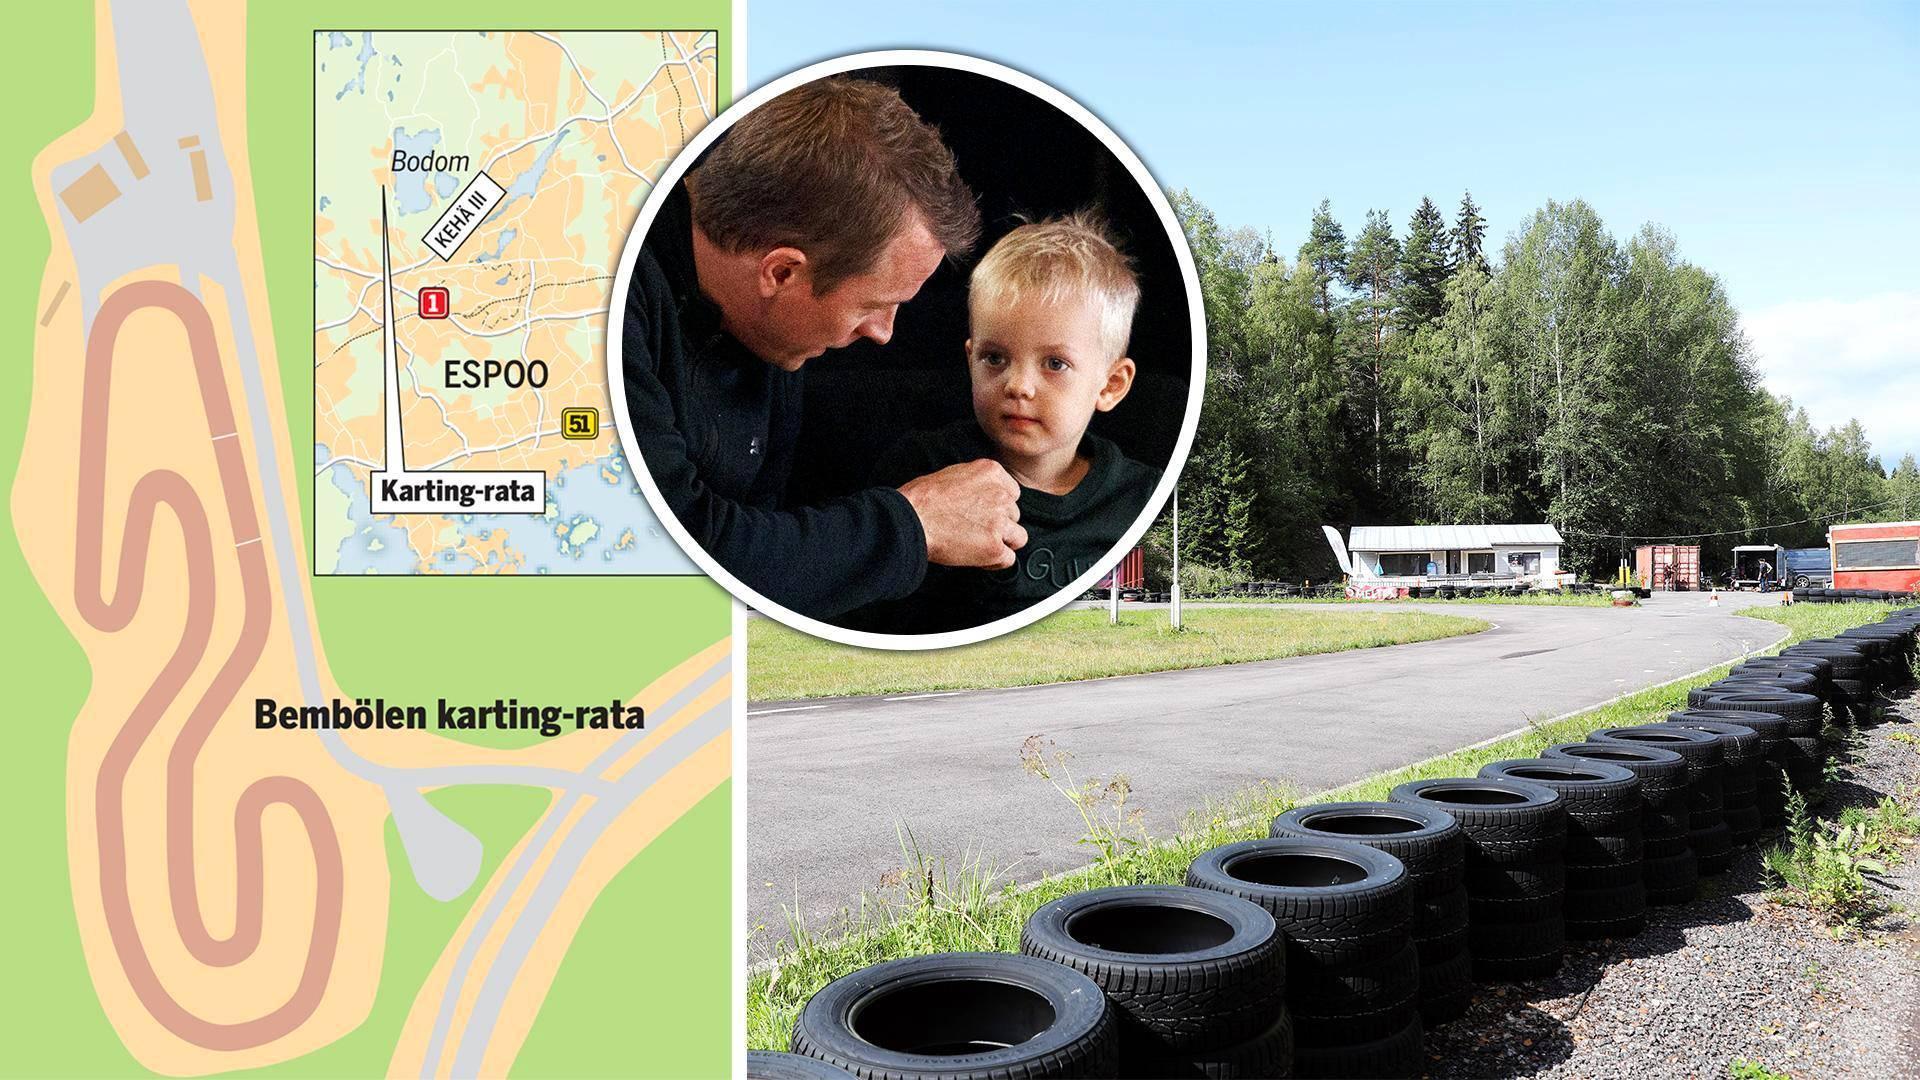 芬兰旅游小贴士:图一和图二定位的地点